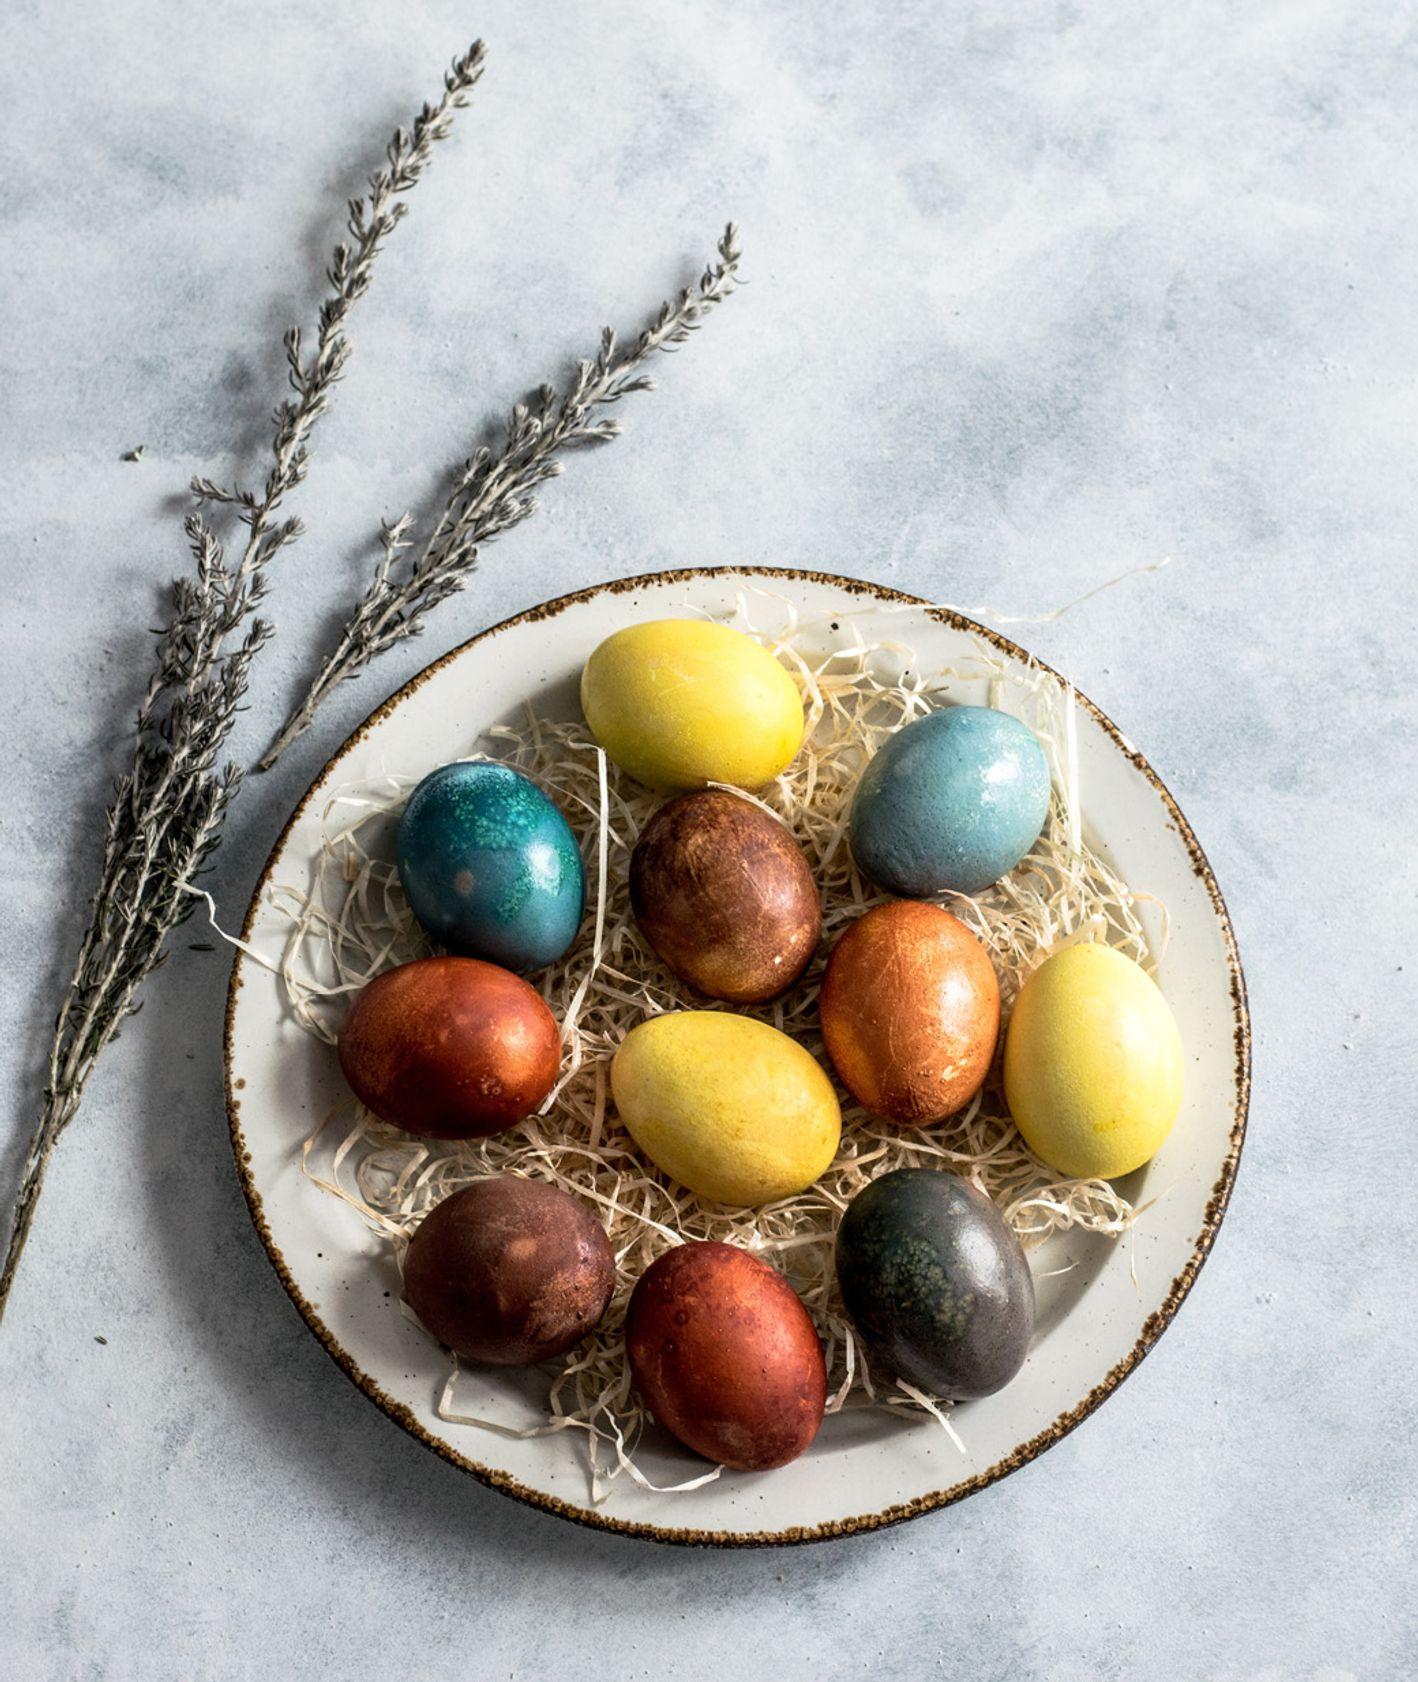 Wielkanocne jajka na tależu ozdobione gałązką. (fot. Monika Grabkowska / unsplash.comn)